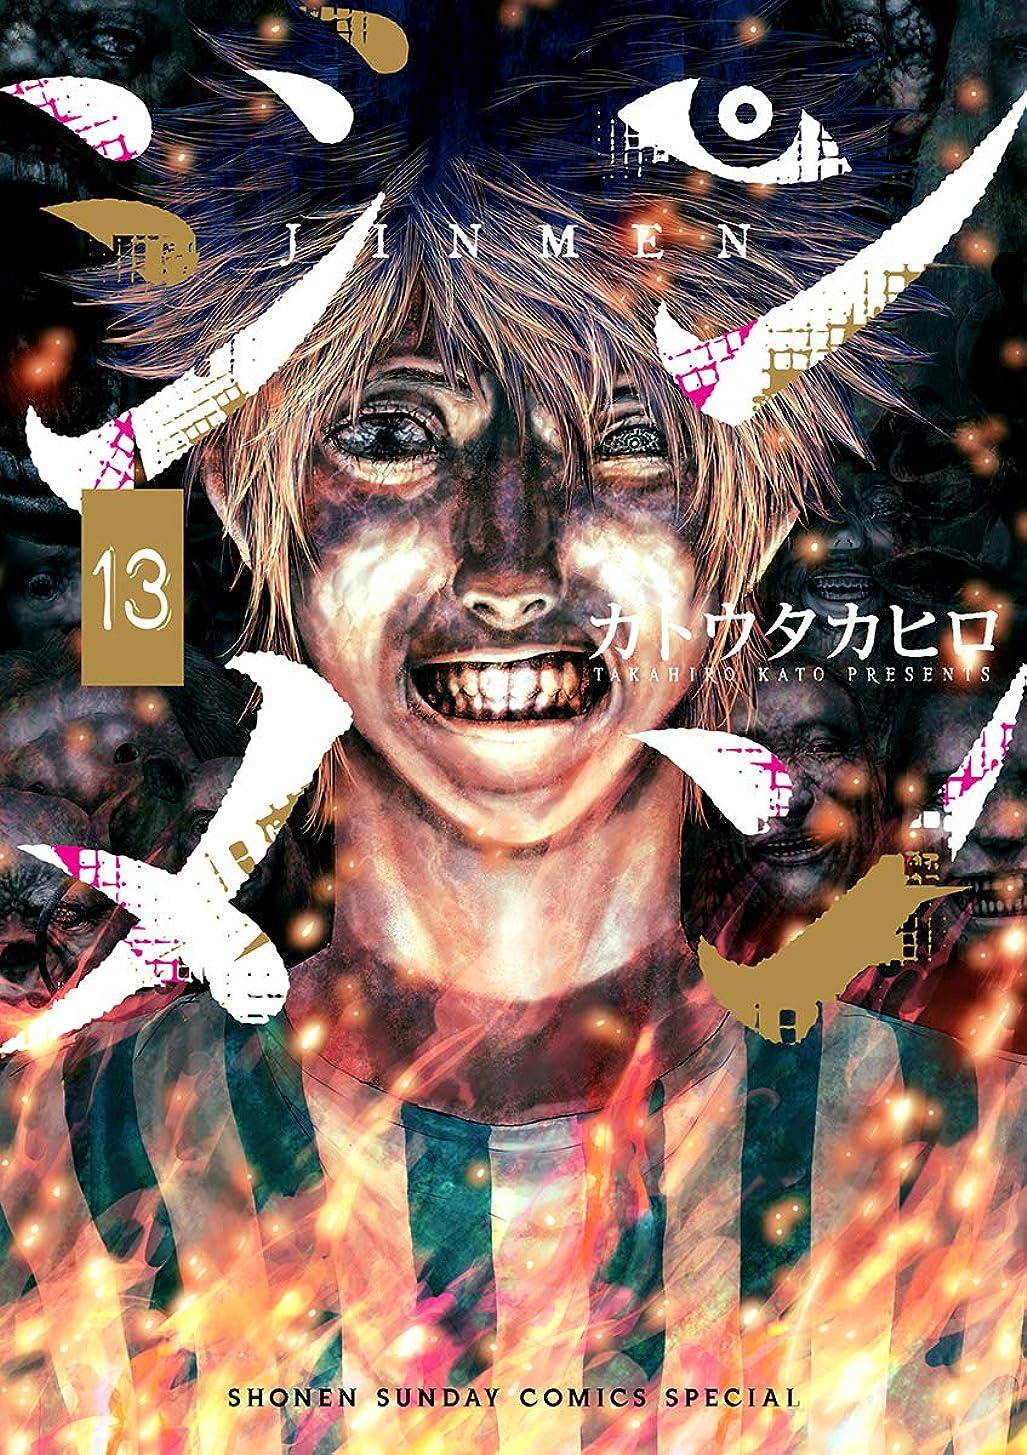 マイクロ爪矛盾ジンメン(13) (サンデーうぇぶりコミックス)